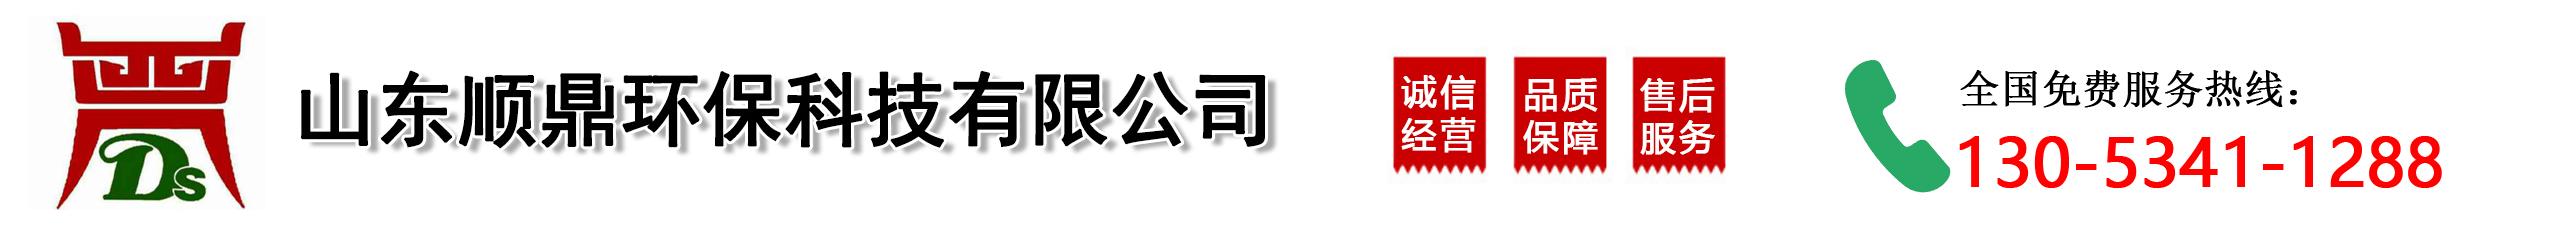 山东顺鼎环保科技有限公司